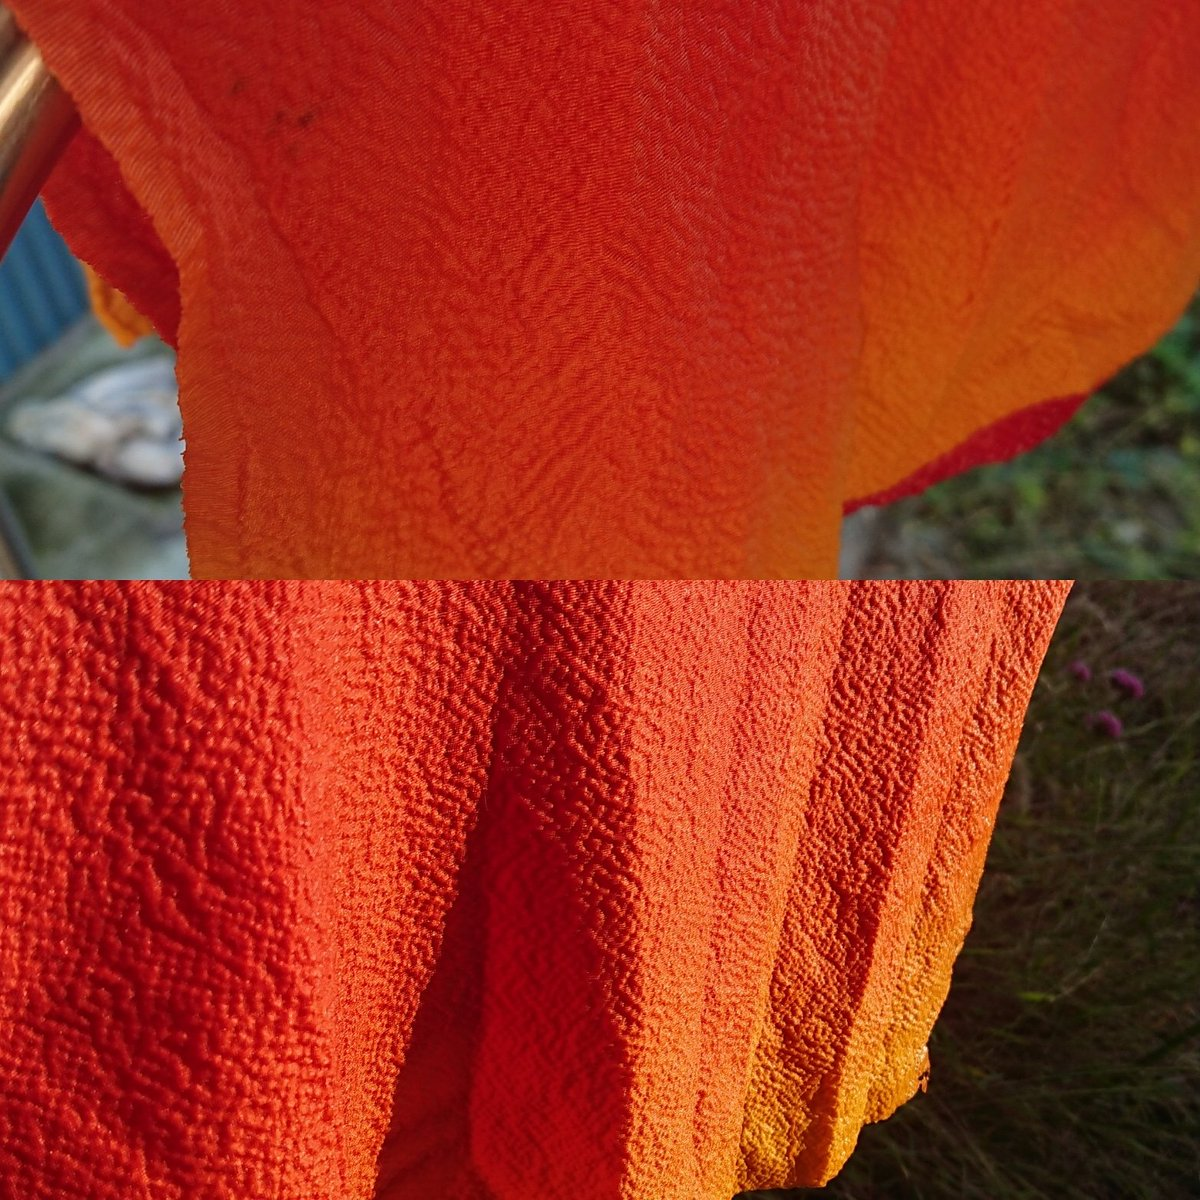 染めたての #黄櫨染 光によって全然色が違う(笑) 太陽光の下の色のパワーは半端ない。 蘇芳がすぐ褪せるので、天日干しはしませんが(笑) https://t.co/fD0QViFbnw